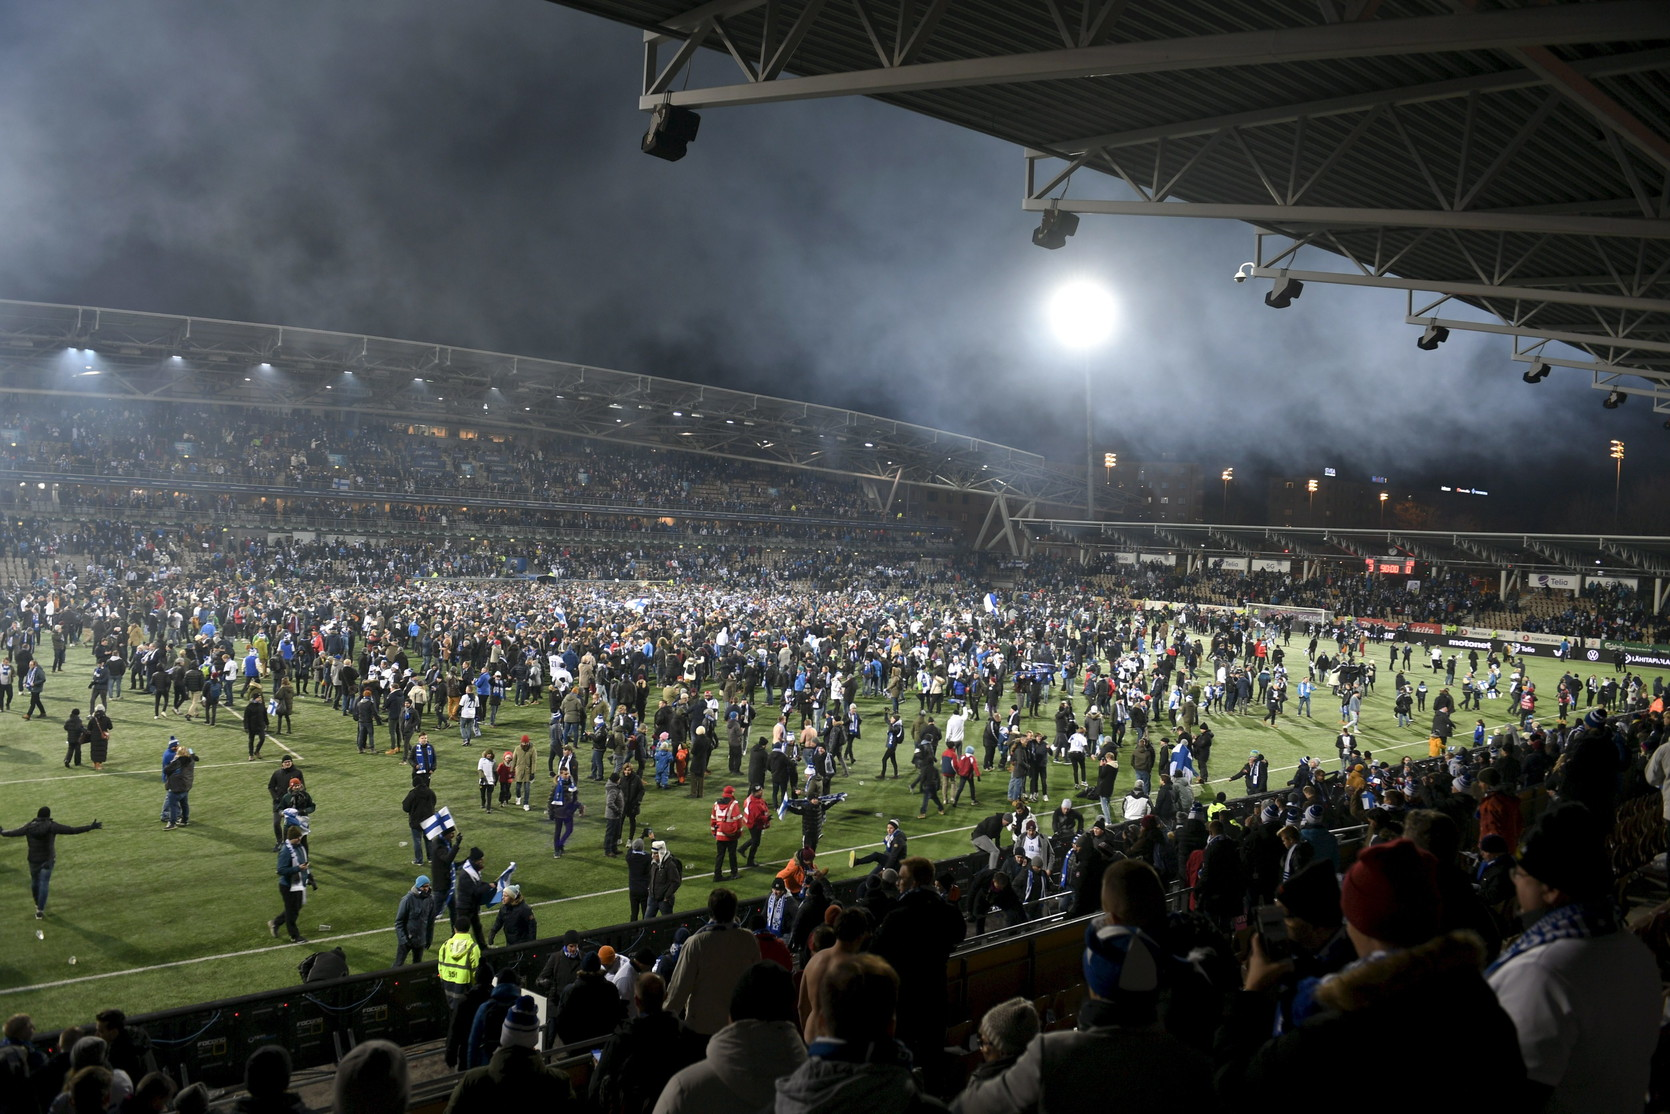 Con il 3-0 al Liechtenstein nel girone dell'Italia, la nazionale scandinava ha staccato il pass per Euro 2020. E' la prima storica qualificazione a un torneo maggiore per nazionali per la Finlandia